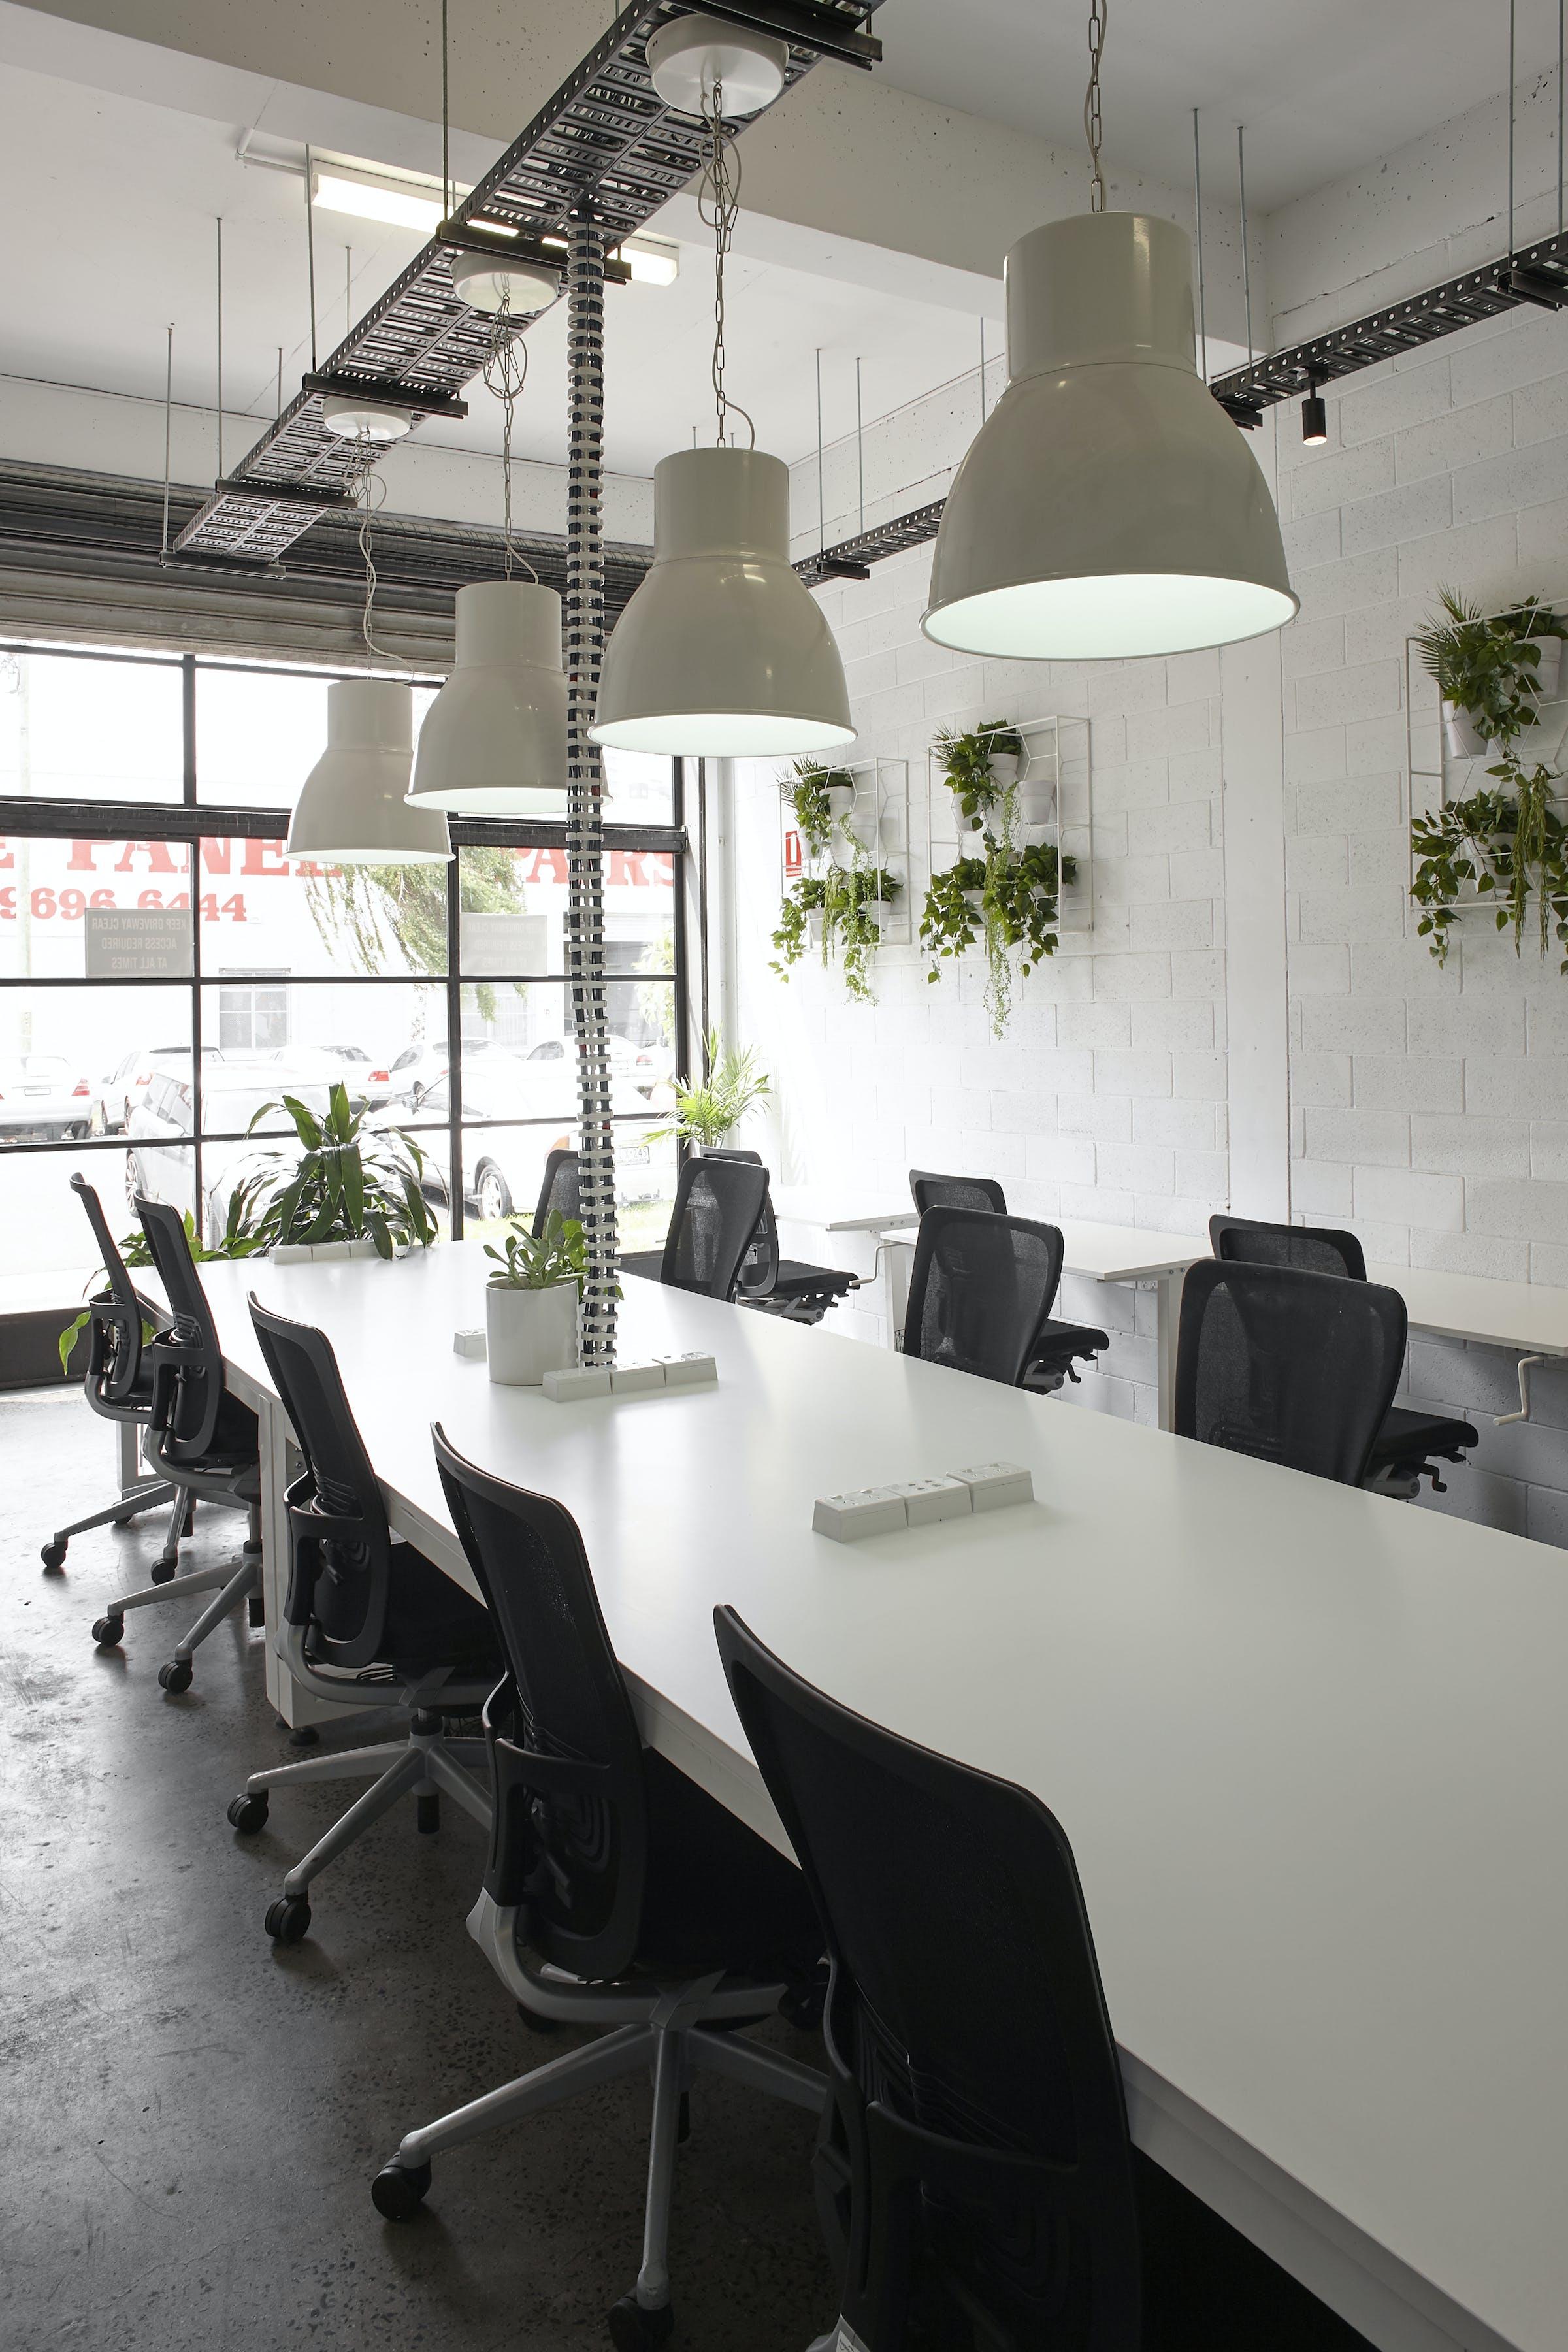 Hot desk at South Hive, image 1